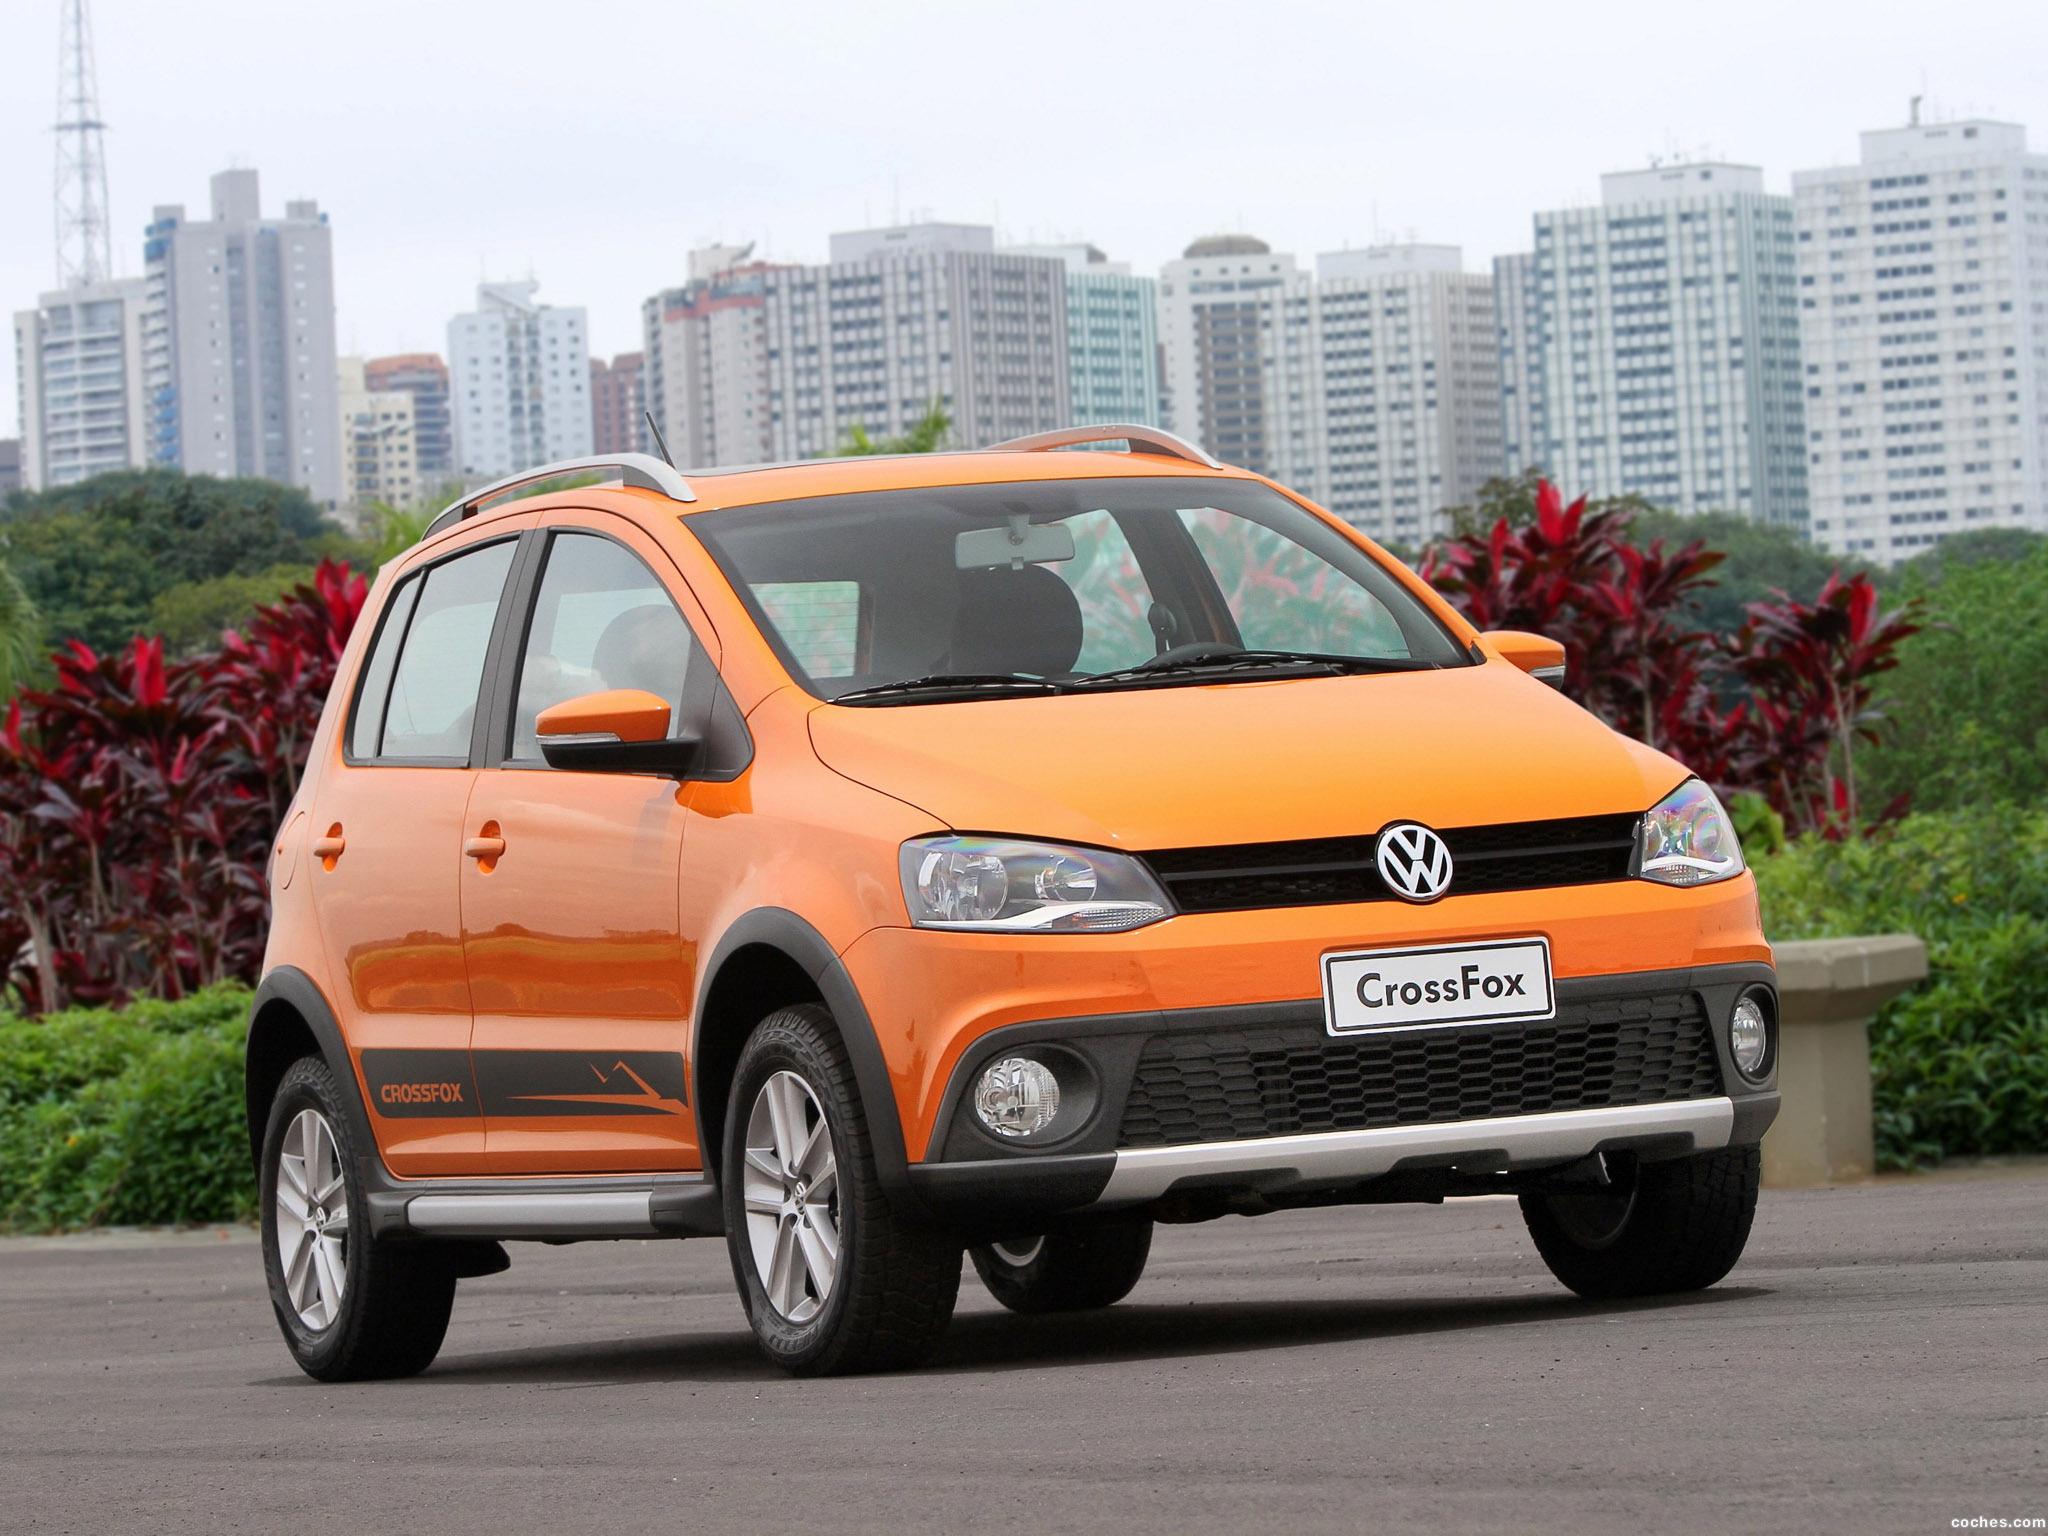 Foto 0 de Volkswagen CrossFox 2009